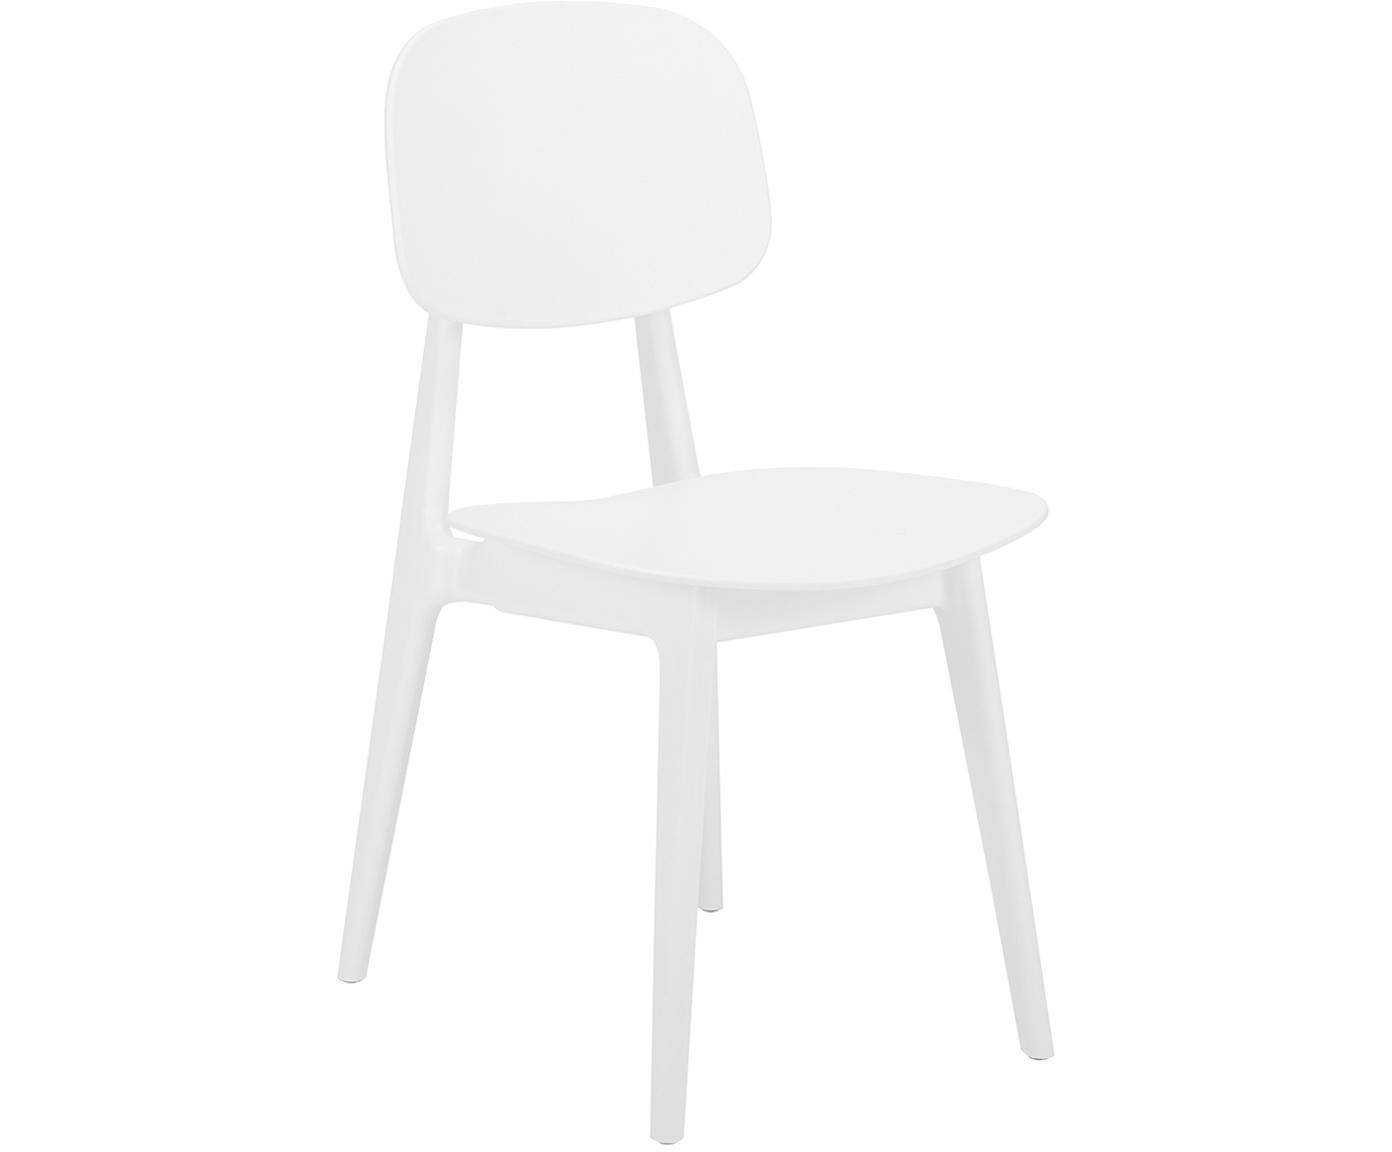 Sillas de plástico Smilla, 2uds., Asiento: plástico, Patas: metal, con pintura en pol, Blanco mate, An 43 x F 49 cm